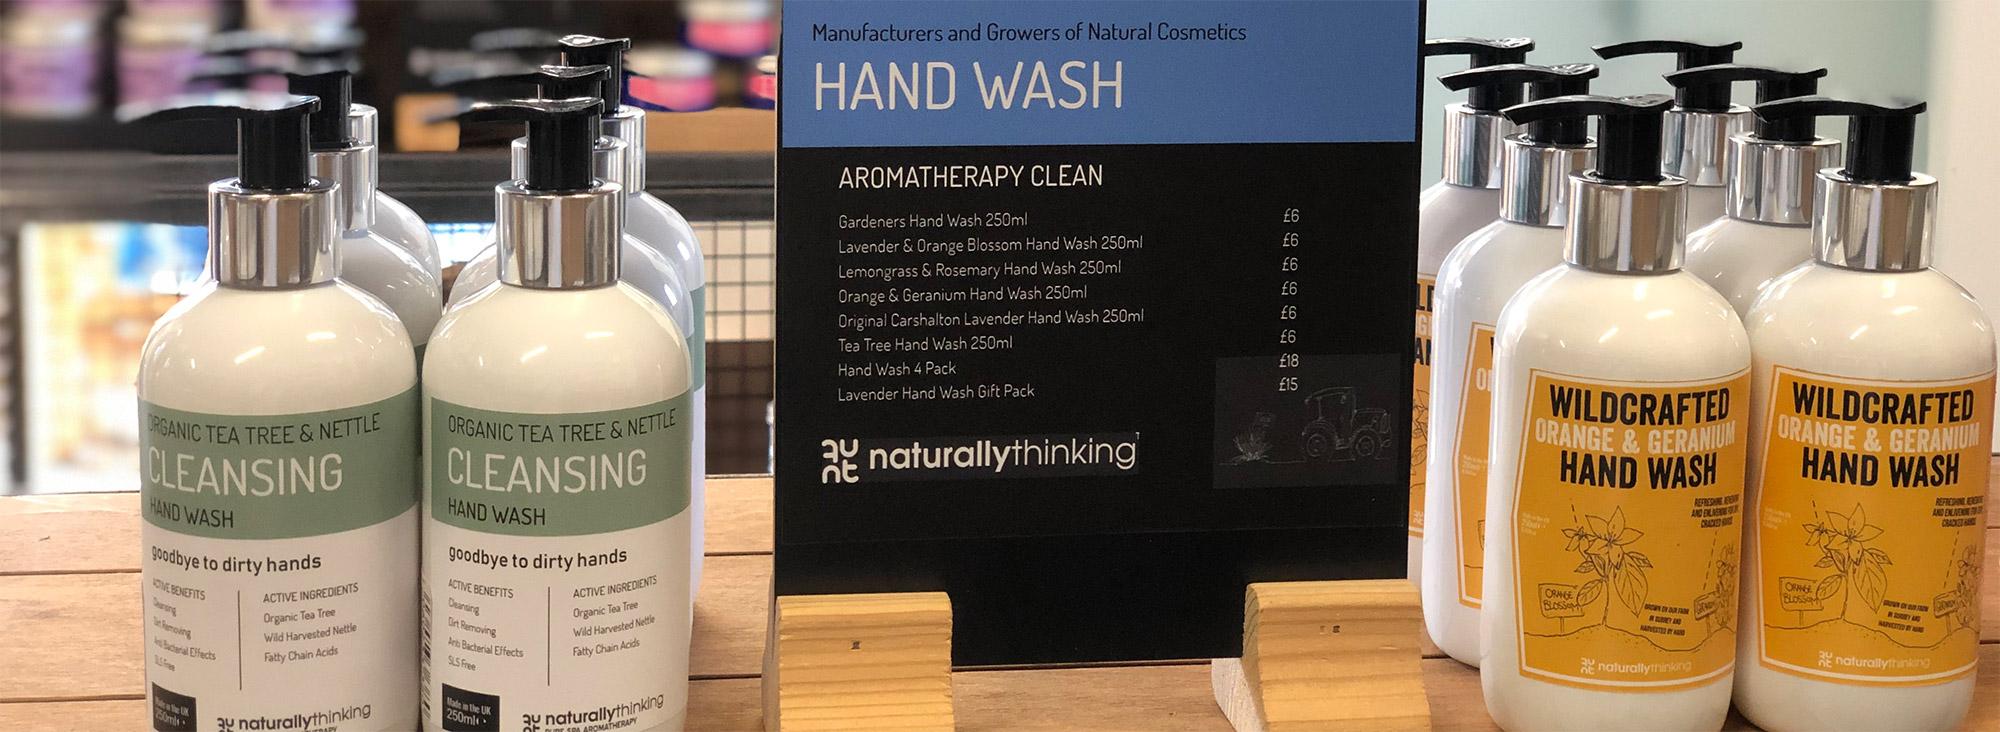 hand-wash-banner.jpg